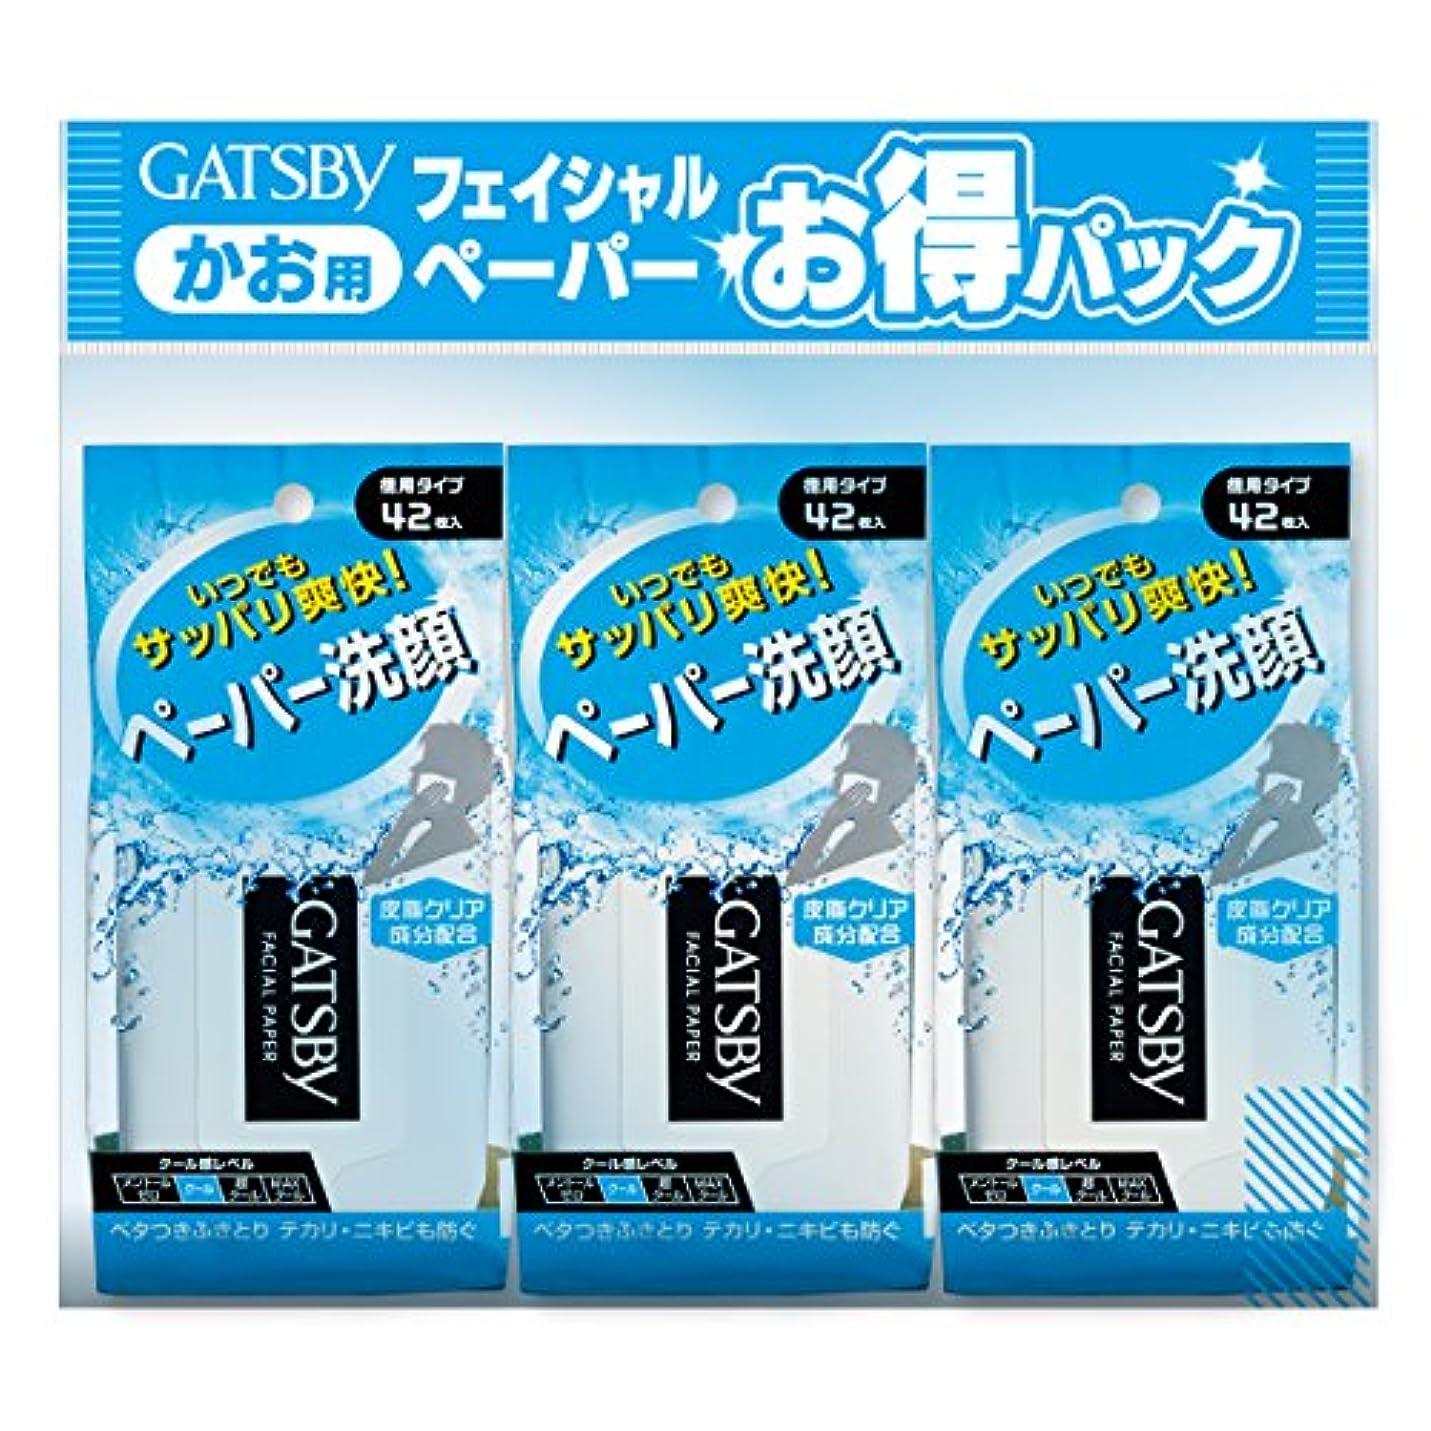 精巧な懸念かなり【まとめ買い】GATSBY (ギャツビー)フェイシャルペーパー 徳用42枚×3個パック